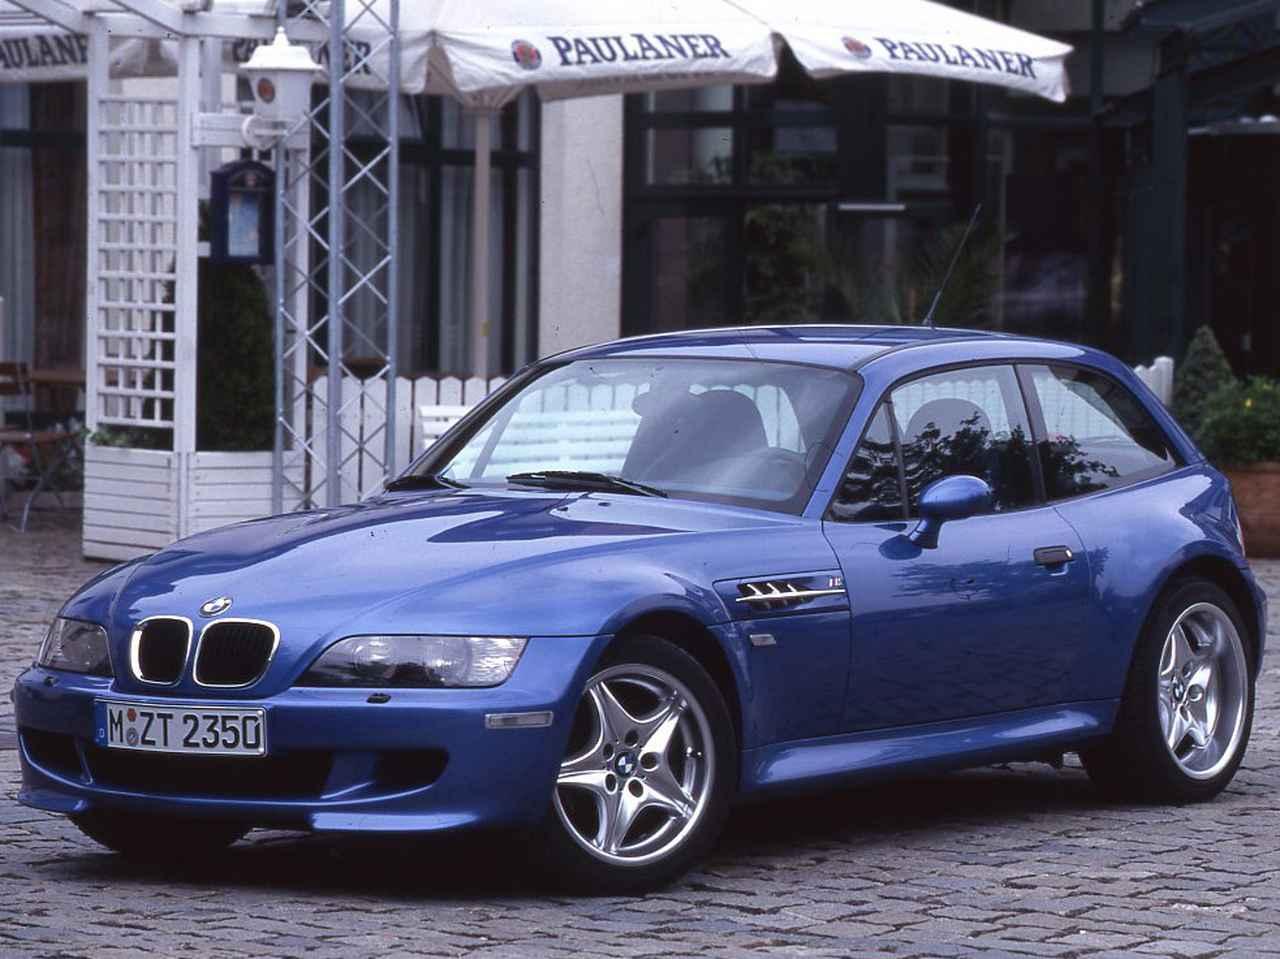 Images : 6番目の画像 - BMW M ロードスター/M クーペ - Webモーターマガジン